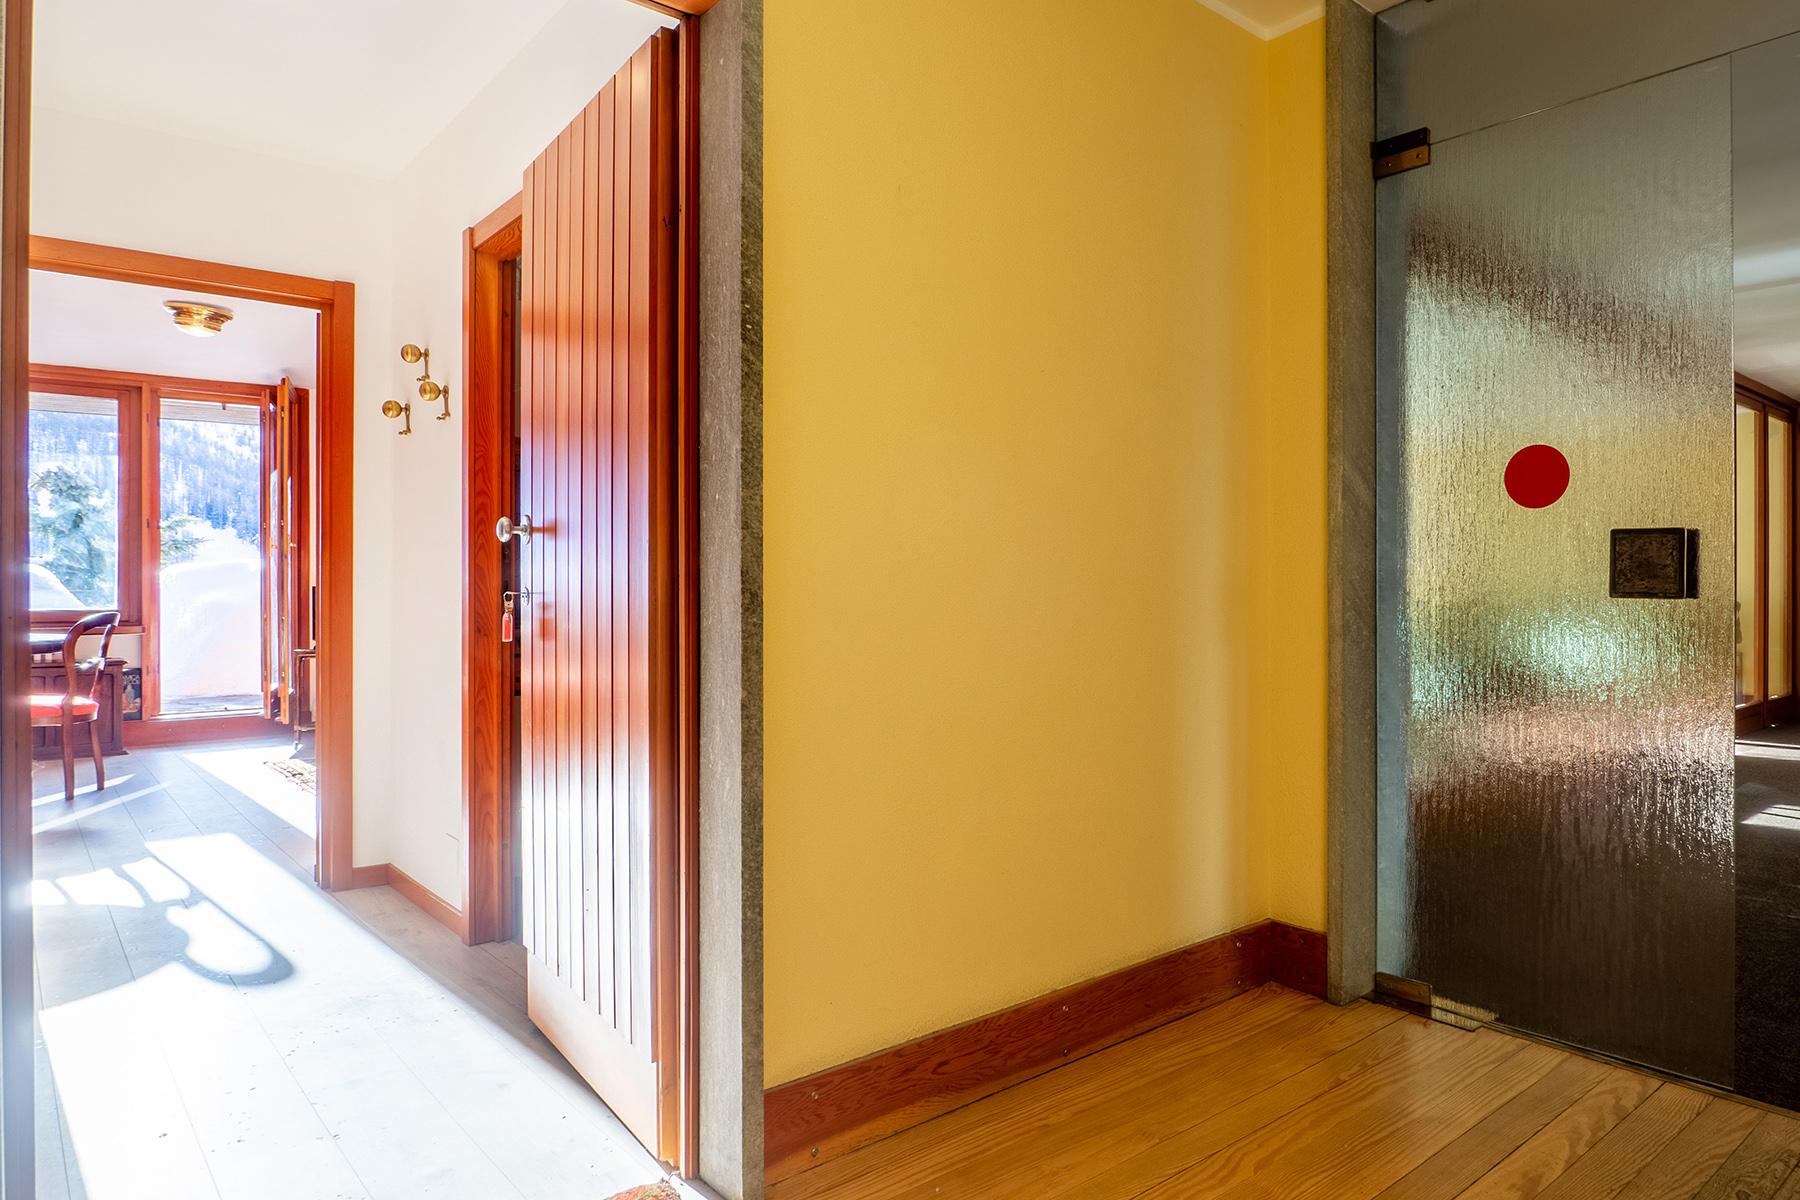 Appartamento in Vendita a Sestriere: 1 locali, 53 mq - Foto 3